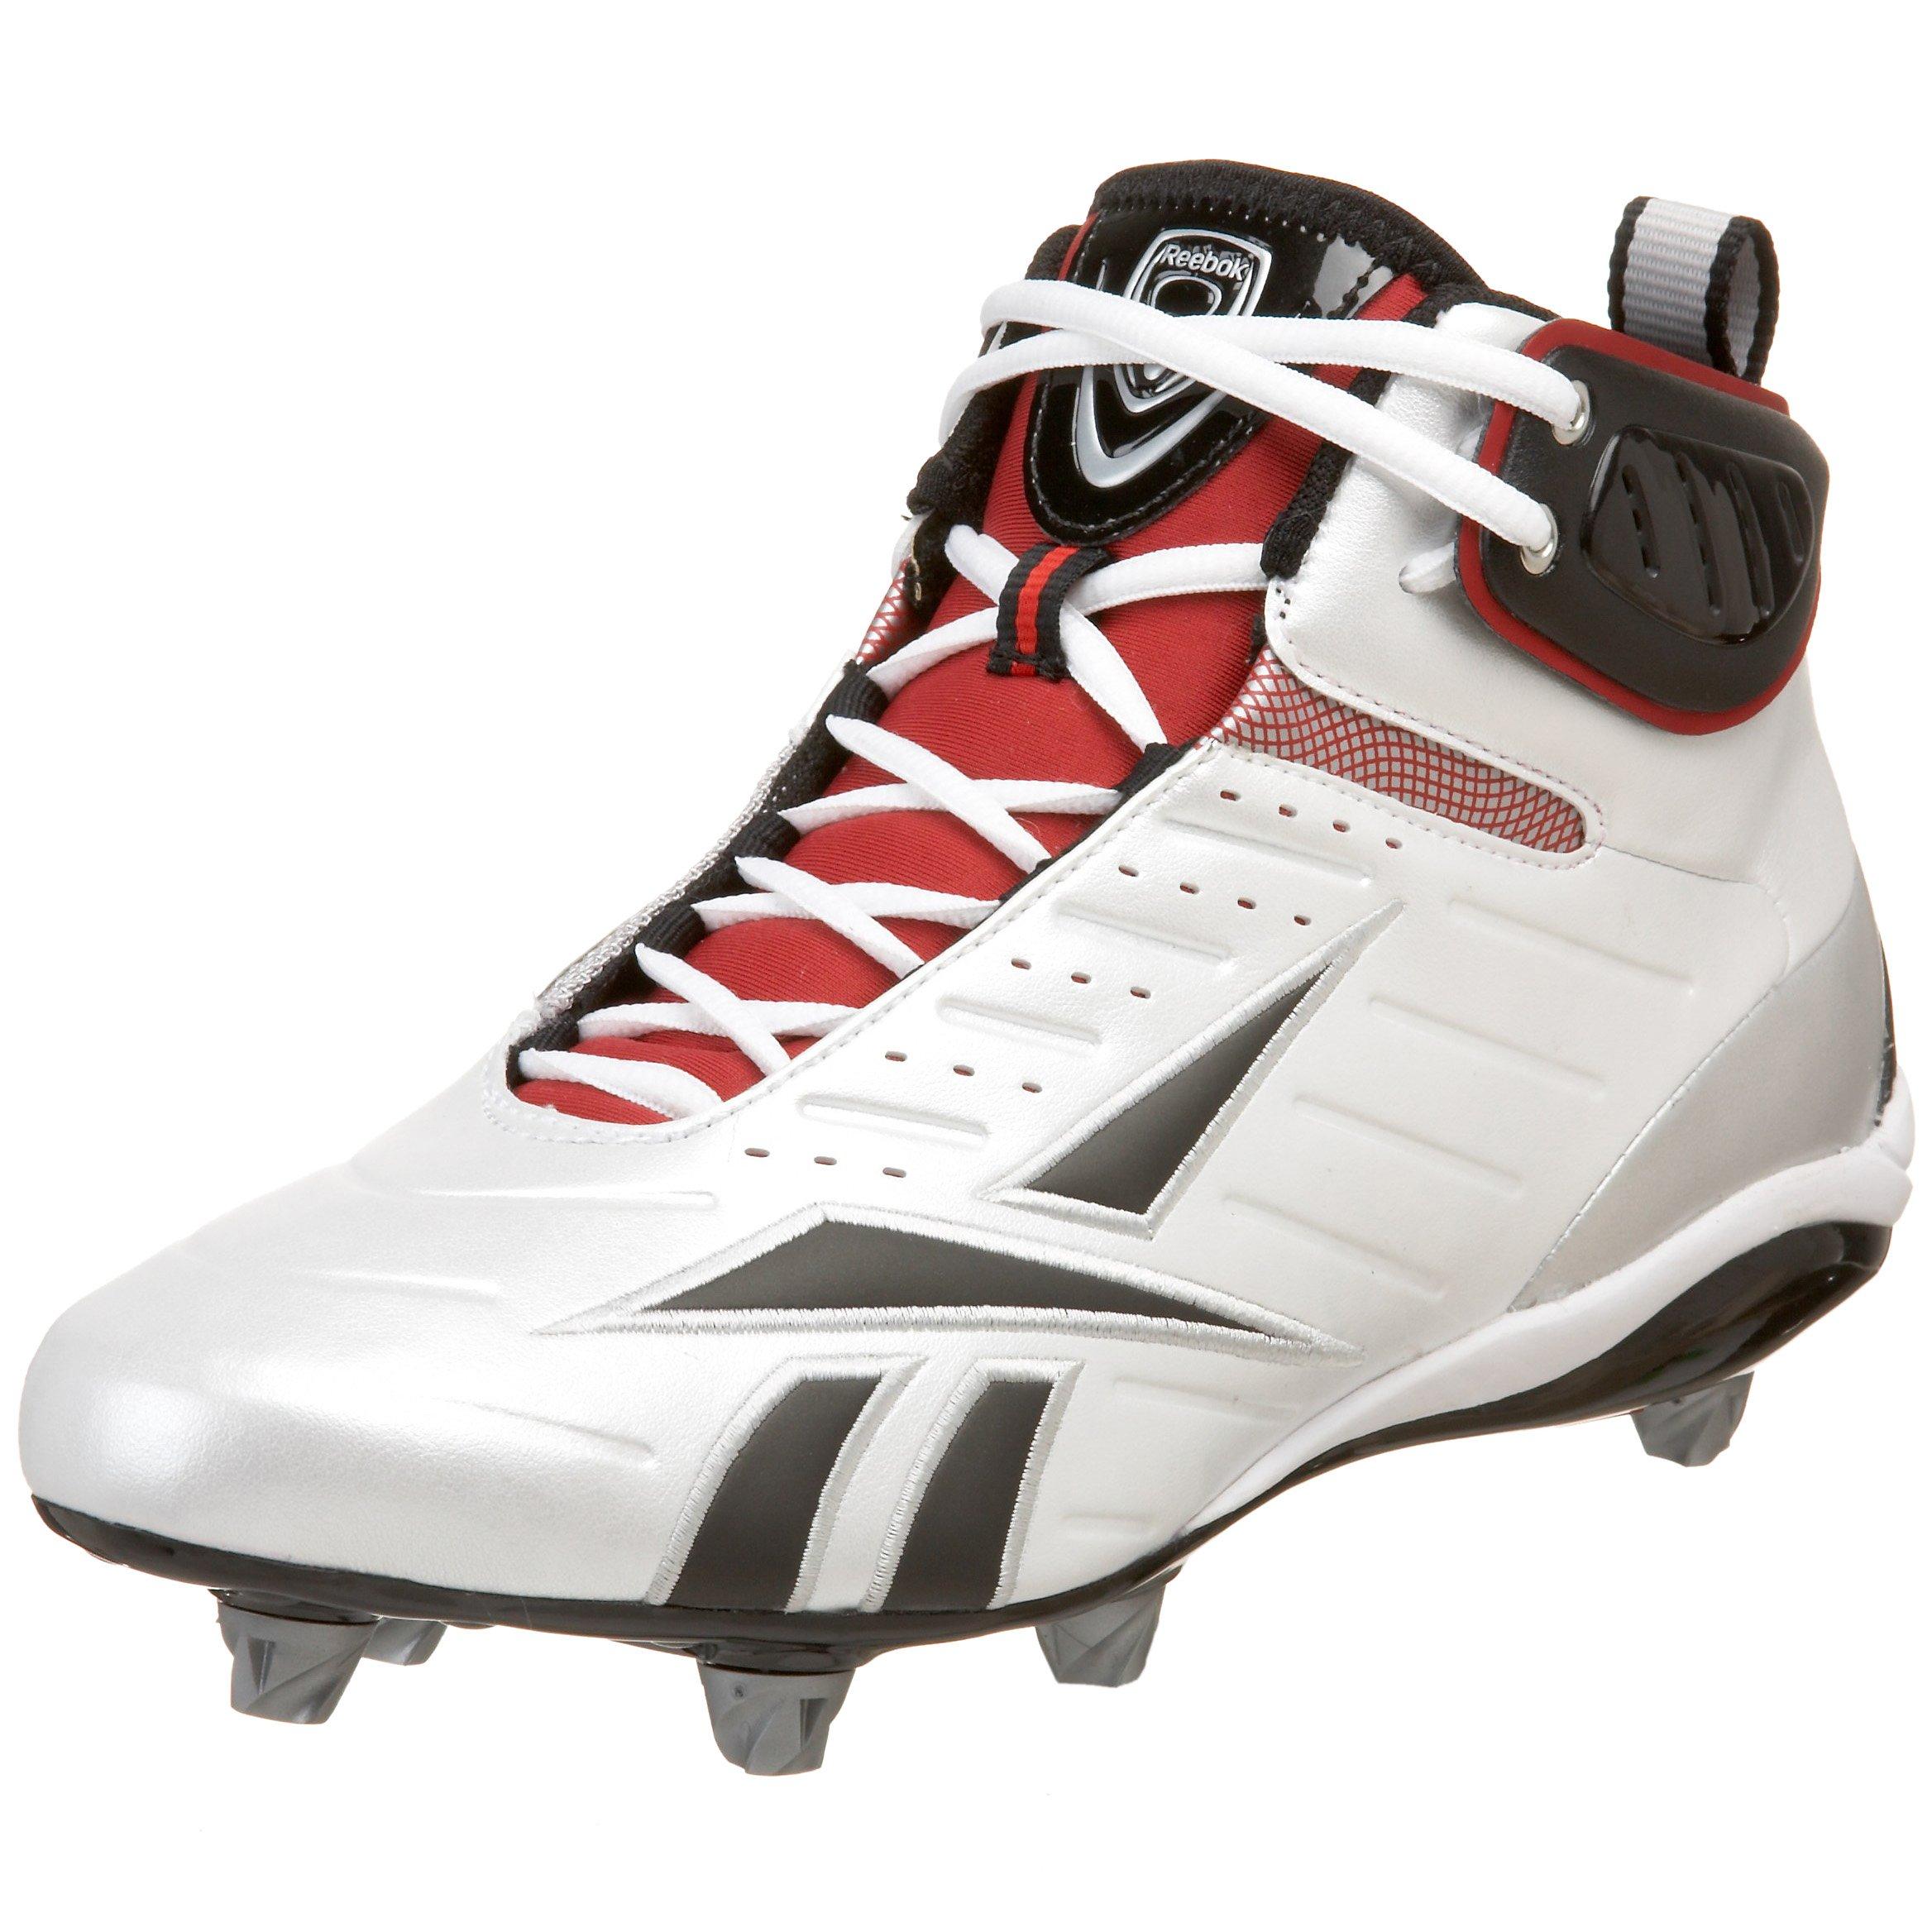 Reebok Men's Bulldodge Mid D III KFS Lacrosse Shoe,White/Black/Silver/Red,13.5 M US